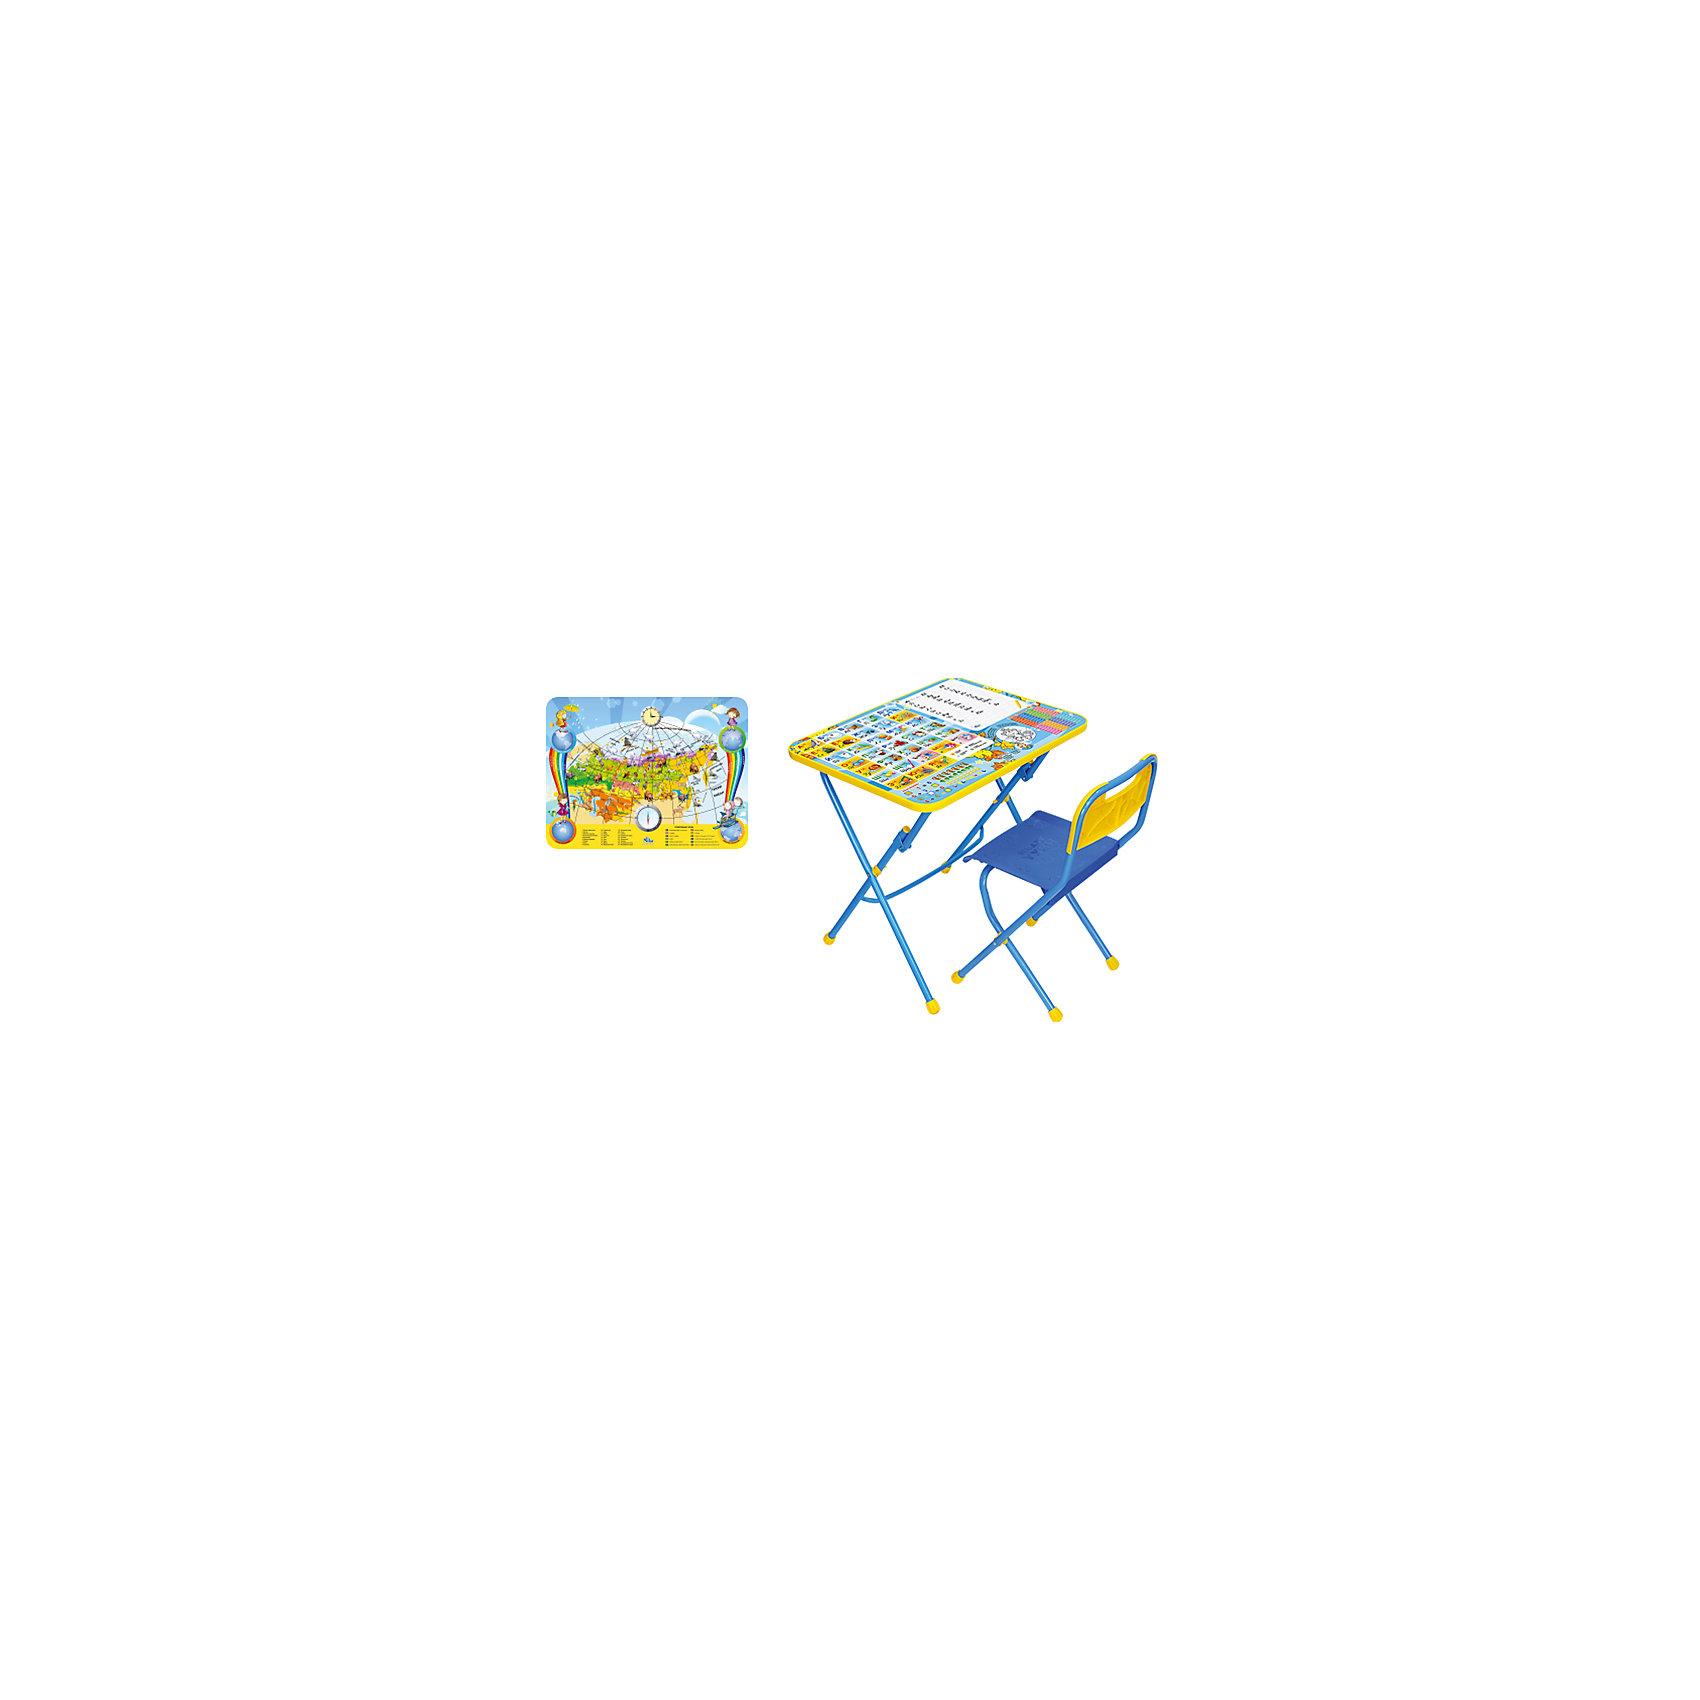 Набор мебели Познаю мирСтолы и стулья<br>Набор детской мебели Познаю мир состоит из двух предметов: стол-парта и стульчик.  На крышке столика изображены рисунки способствующие развитию ребенка.<br>При необходимости, стол и стул возможно сложить, они очень компактны в собранном виде, это дает возможность использования данного комплекта мебели даже в небольшой комнате. <br><br>Дополнительная информация:<br><br>В комплект входит стол-парта и стул с пластиковым сиденьем.<br>- Металлический каркас.<br>- Столешница облицована пленкой с тематическими рисунками.<br>- На ножках стула установлены пластмассовые наконечники.<br>- Размер столика: 60х45х57 см.<br>- Размер стула: высота до сиденья 34 см, высота со спинкой 59 см.<br>Сиденье: 30х30 см.<br>- Возраст: от 3-х лет<br><br>Набор мебели Познаю мир  можно купить в нашем магазине.<br><br>Ширина мм: 580<br>Глубина мм: 120<br>Высота мм: 450<br>Вес г: 7050<br>Возраст от месяцев: 36<br>Возраст до месяцев: 108<br>Пол: Унисекс<br>Возраст: Детский<br>SKU: 4718361